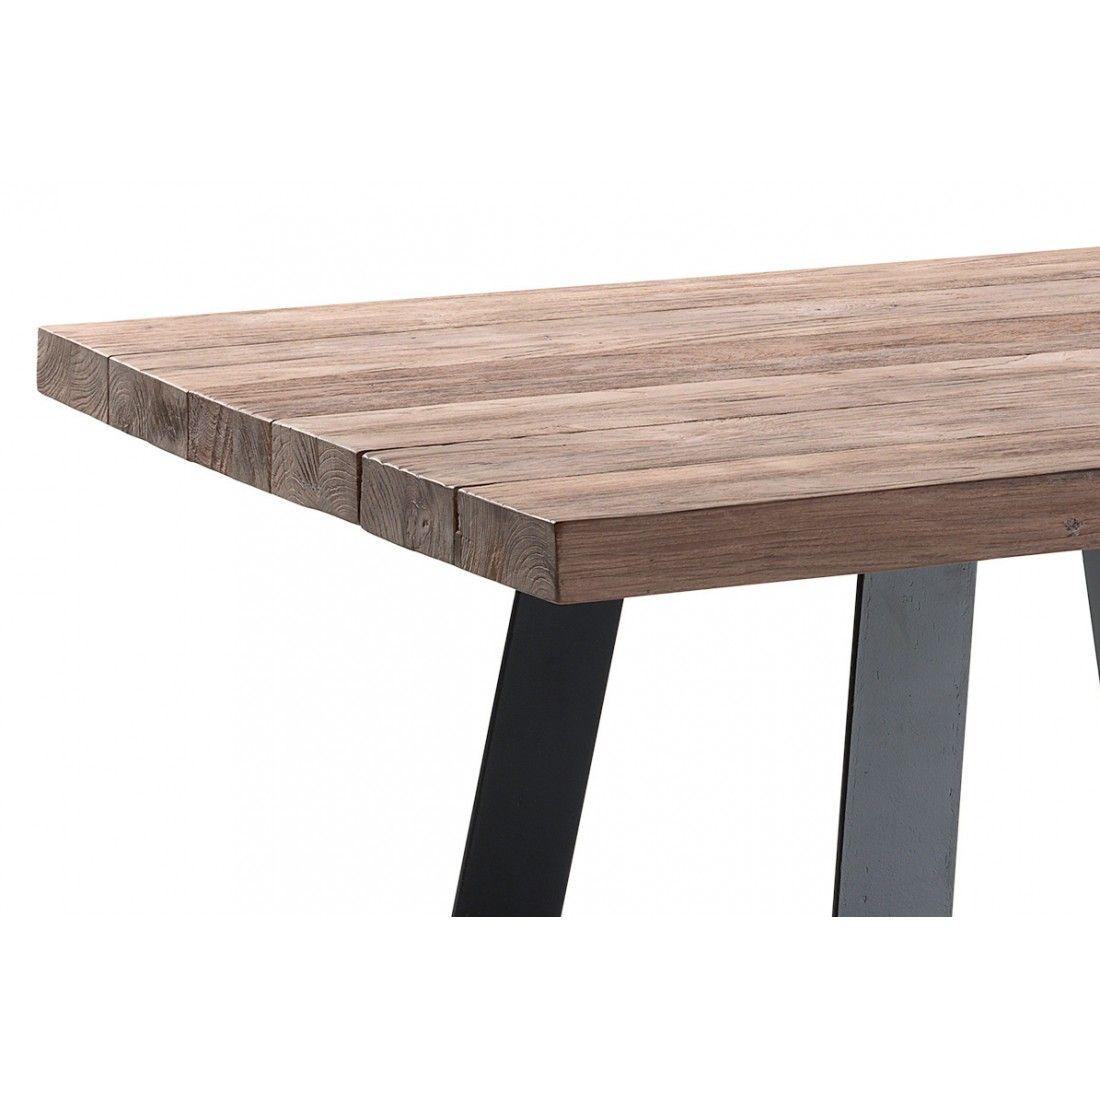 Table de jardin en teck massif 300 cm, Margo